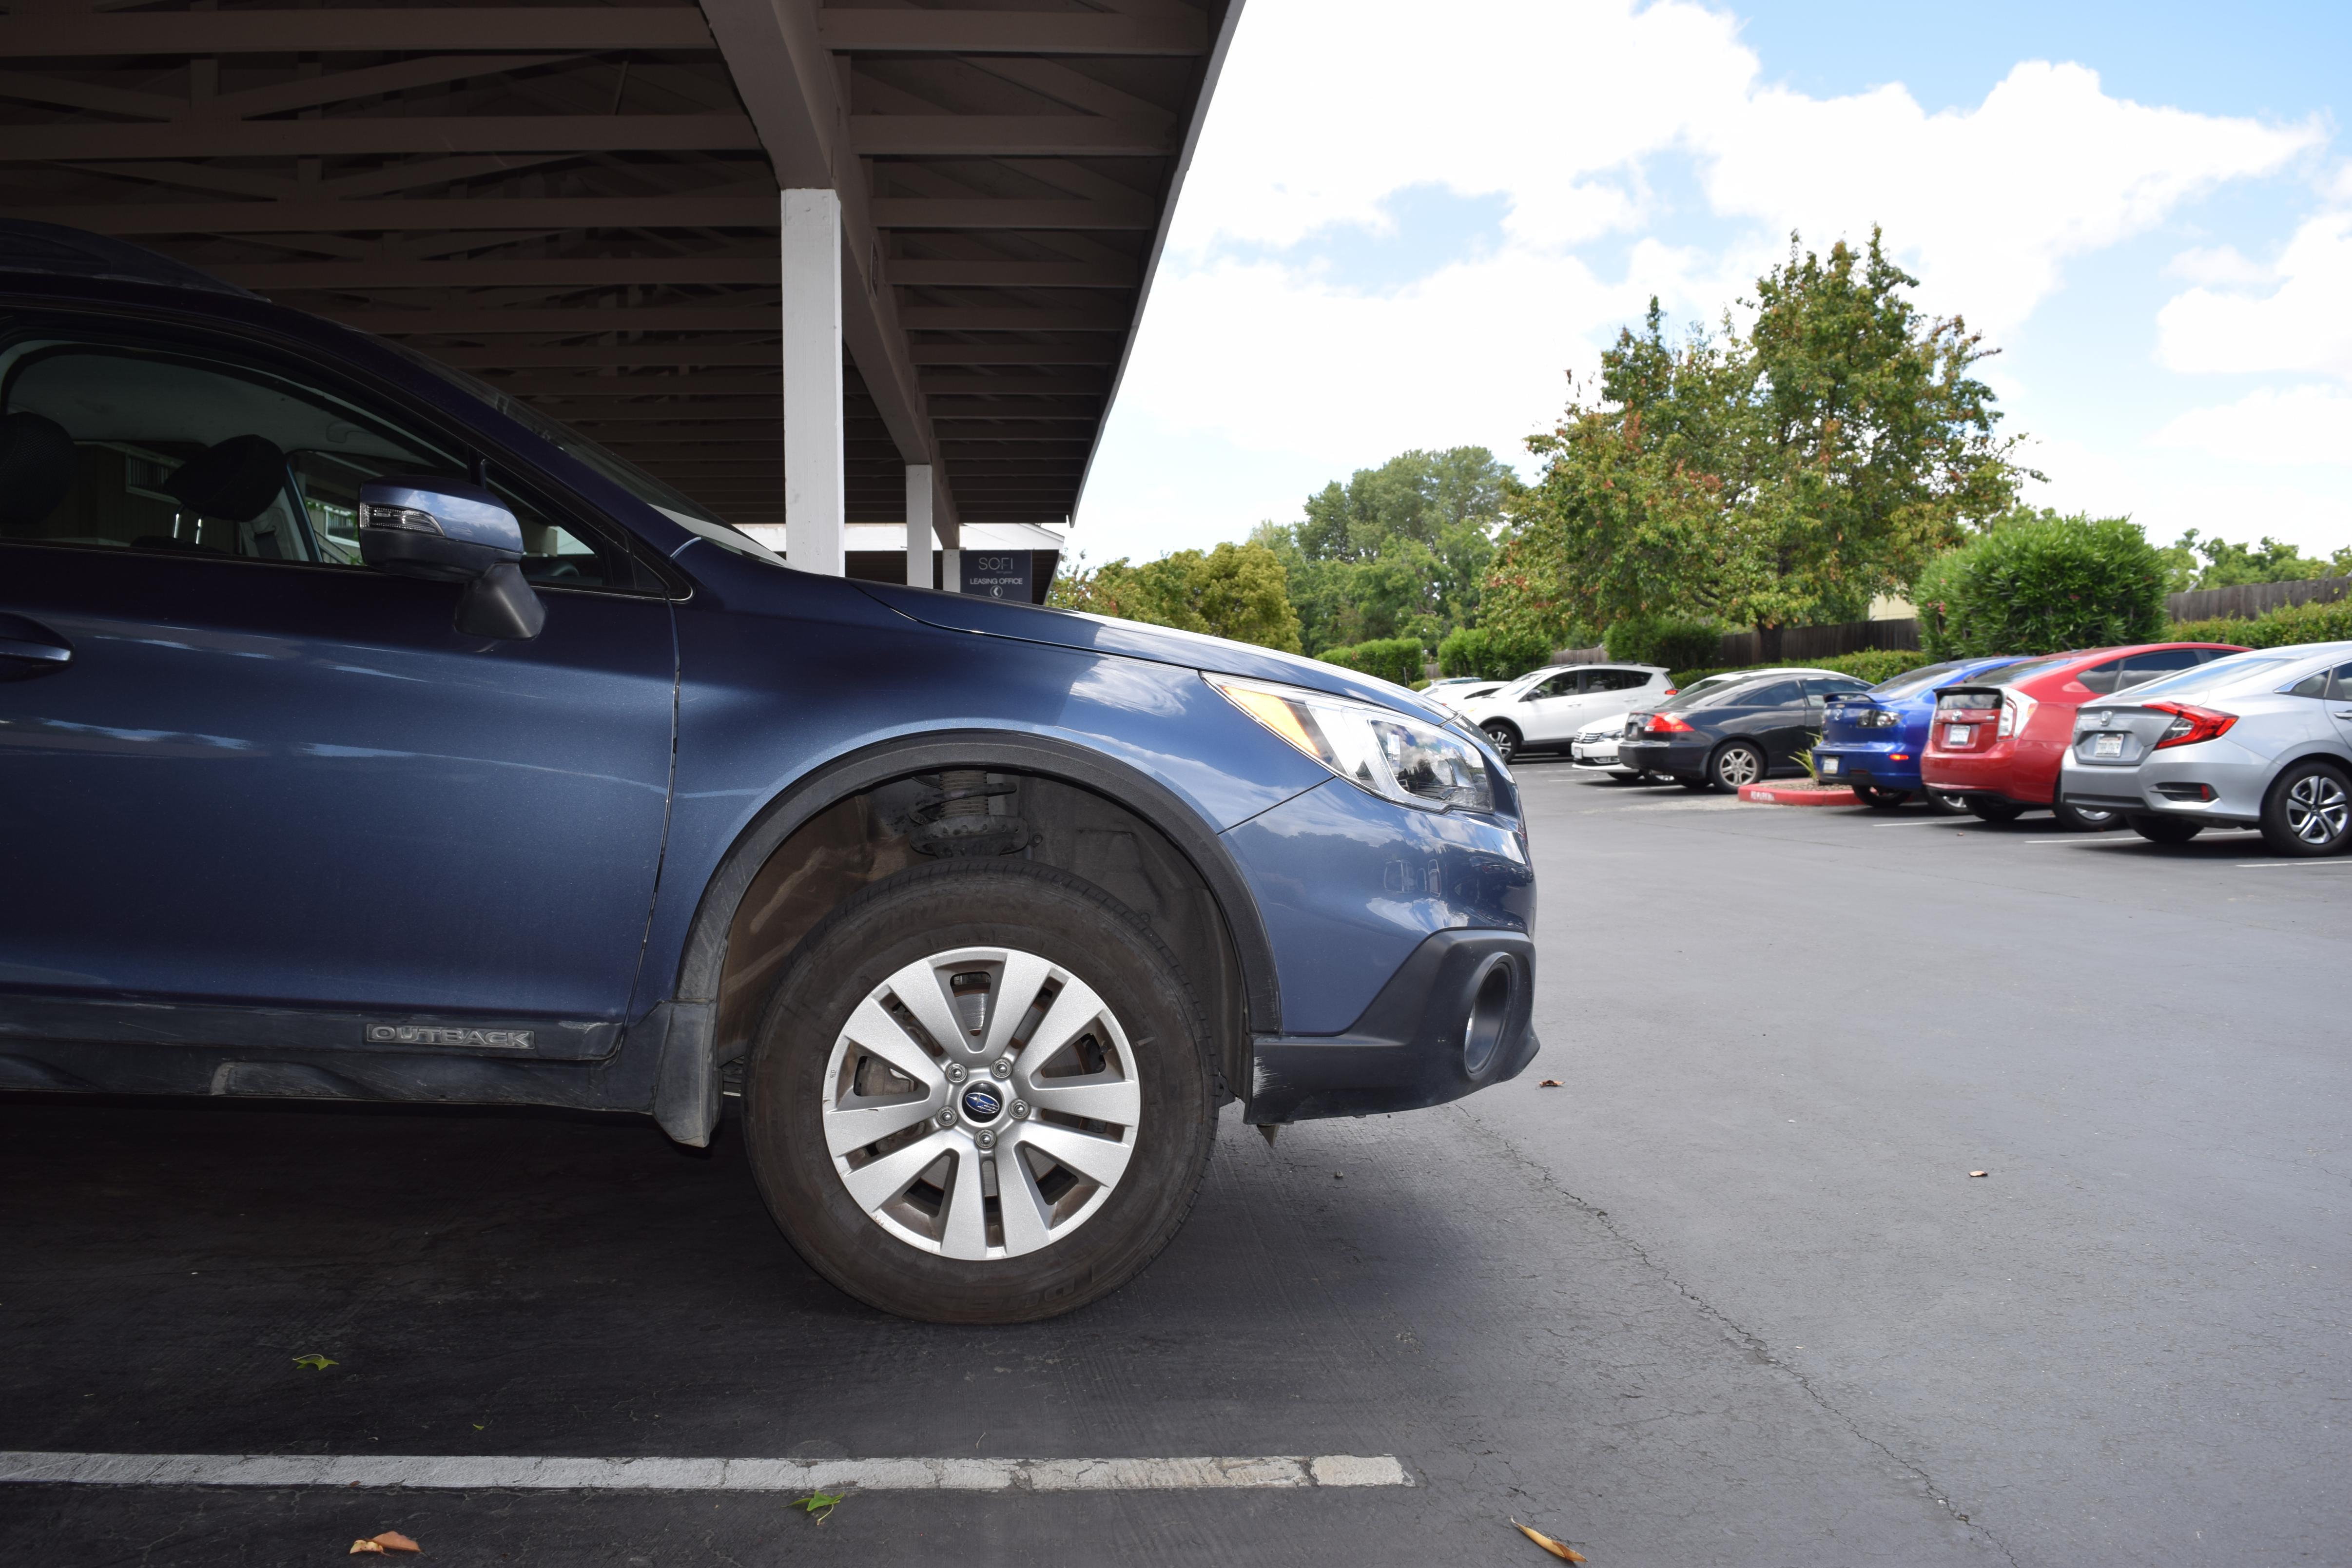 Subaru Outback Lift Kit >> ATTENTION: subaru lift kit problem - Subaru Outback - Subaru Outback Forums